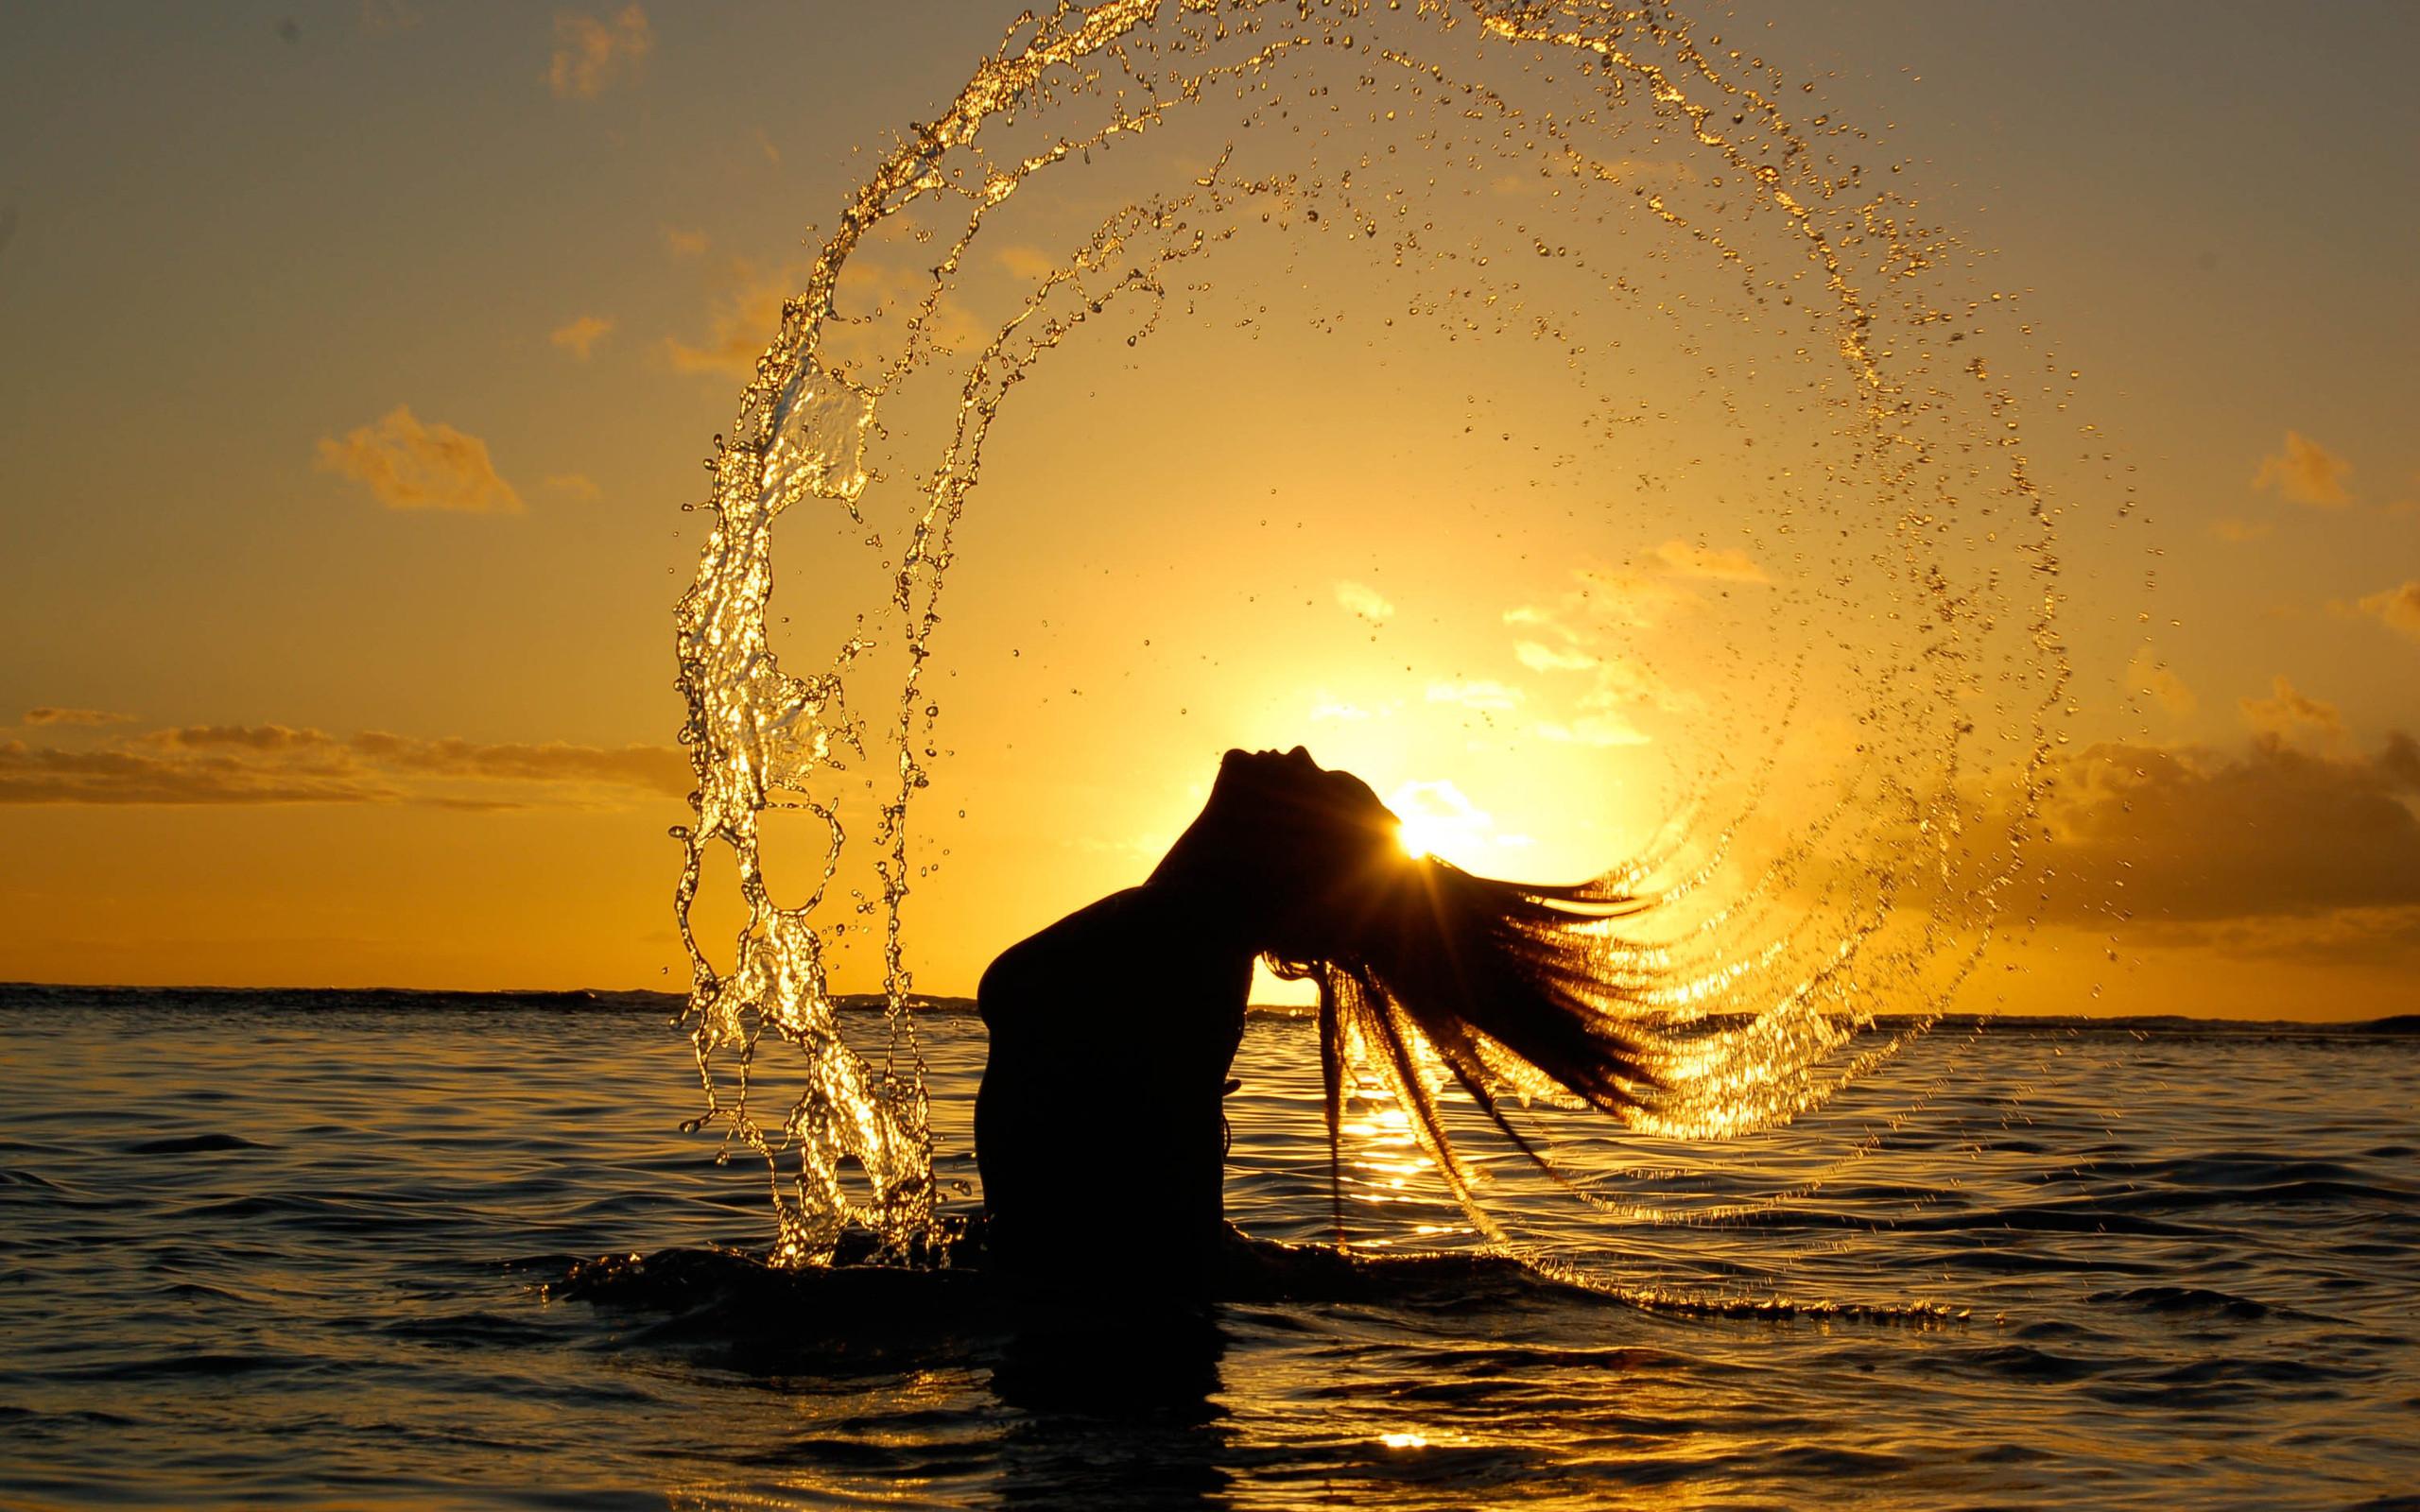 Закат море девушка картинки